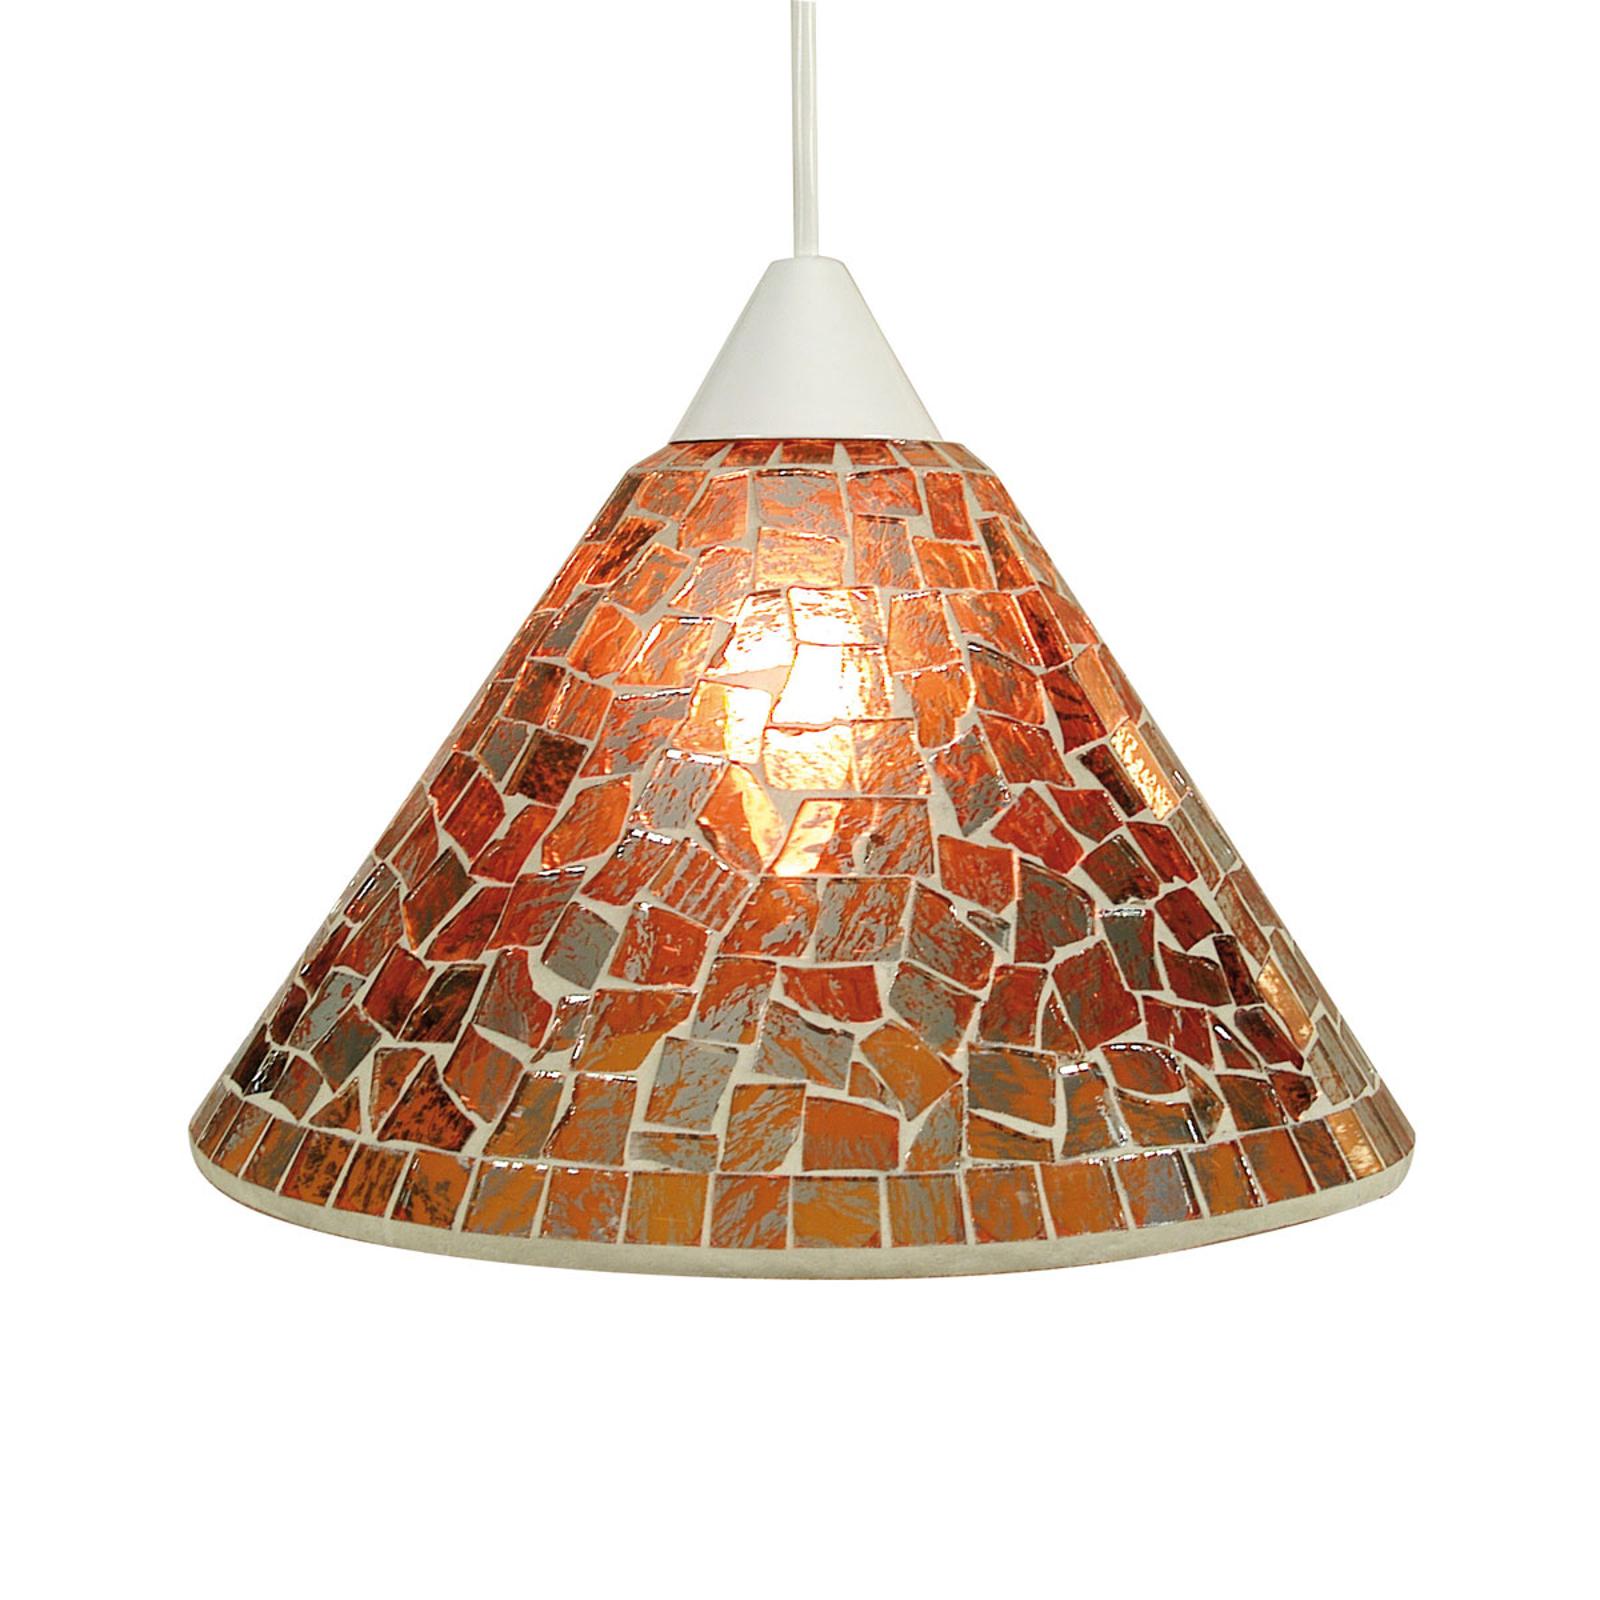 Hanglamp Jana in oriëntale stijl Ø 28,5 cm